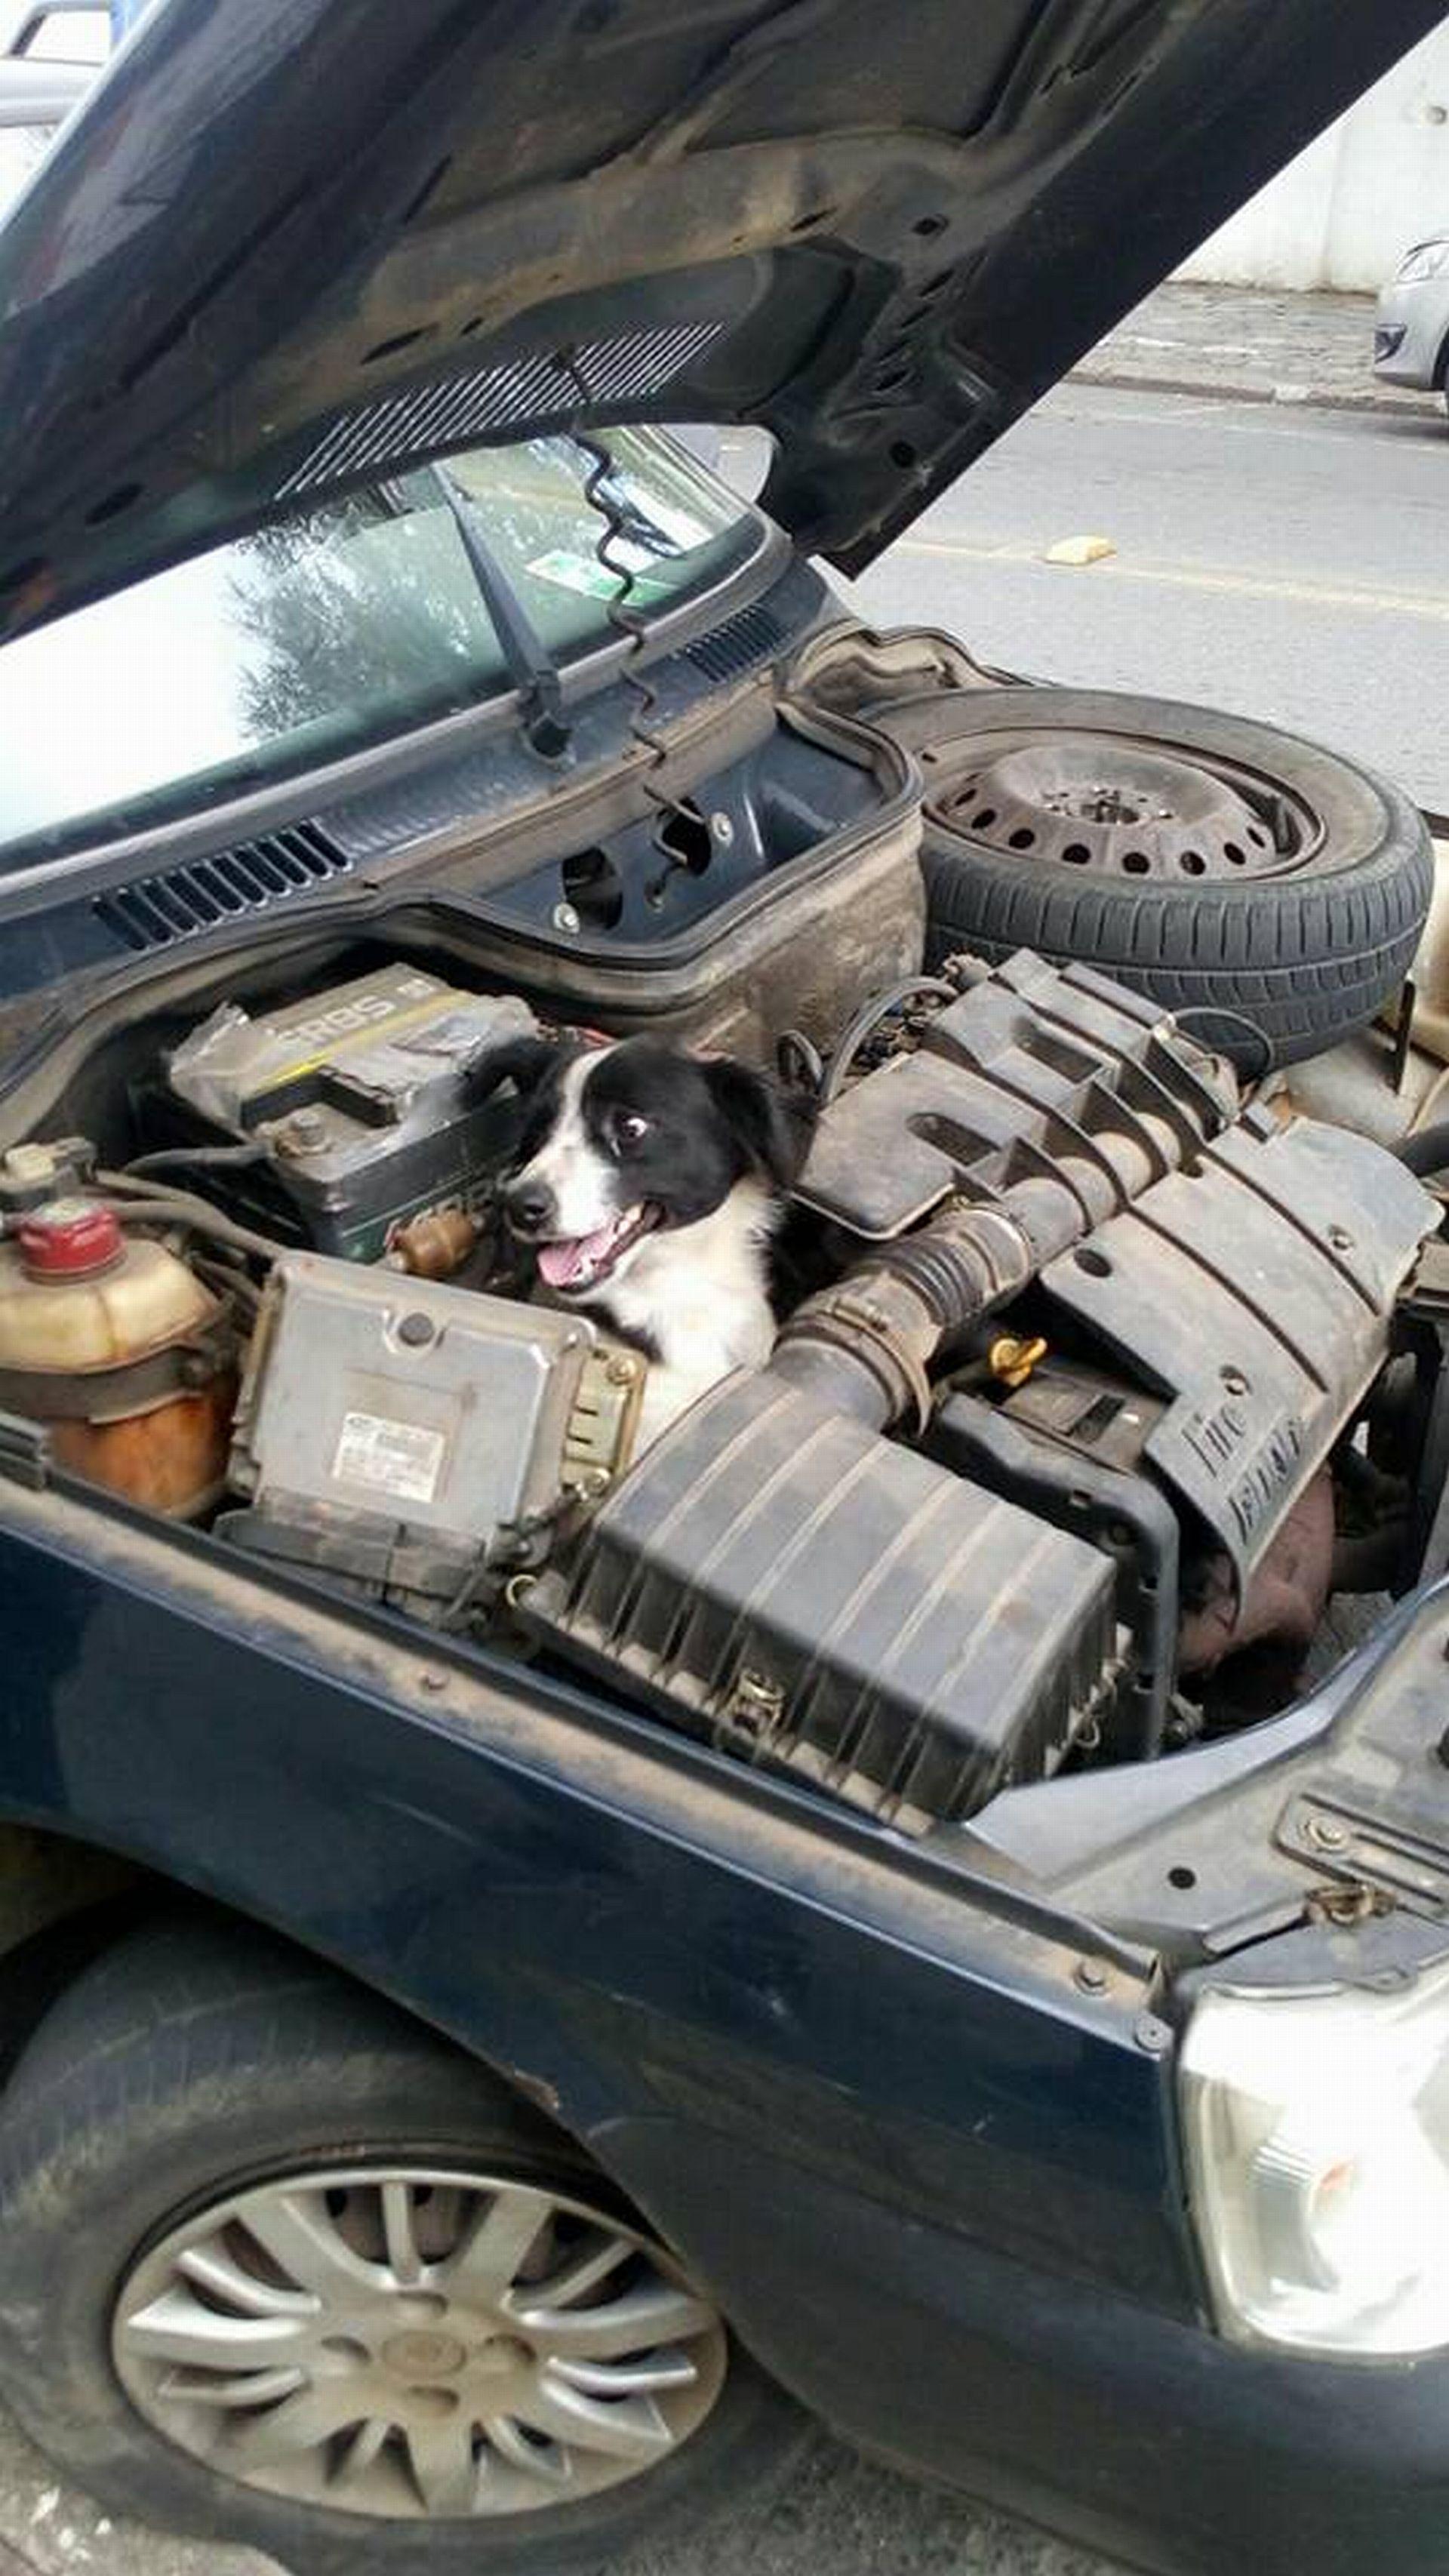 Motorista leva um susto ao encontrar cachorro em motor de carro, em Campo Largo